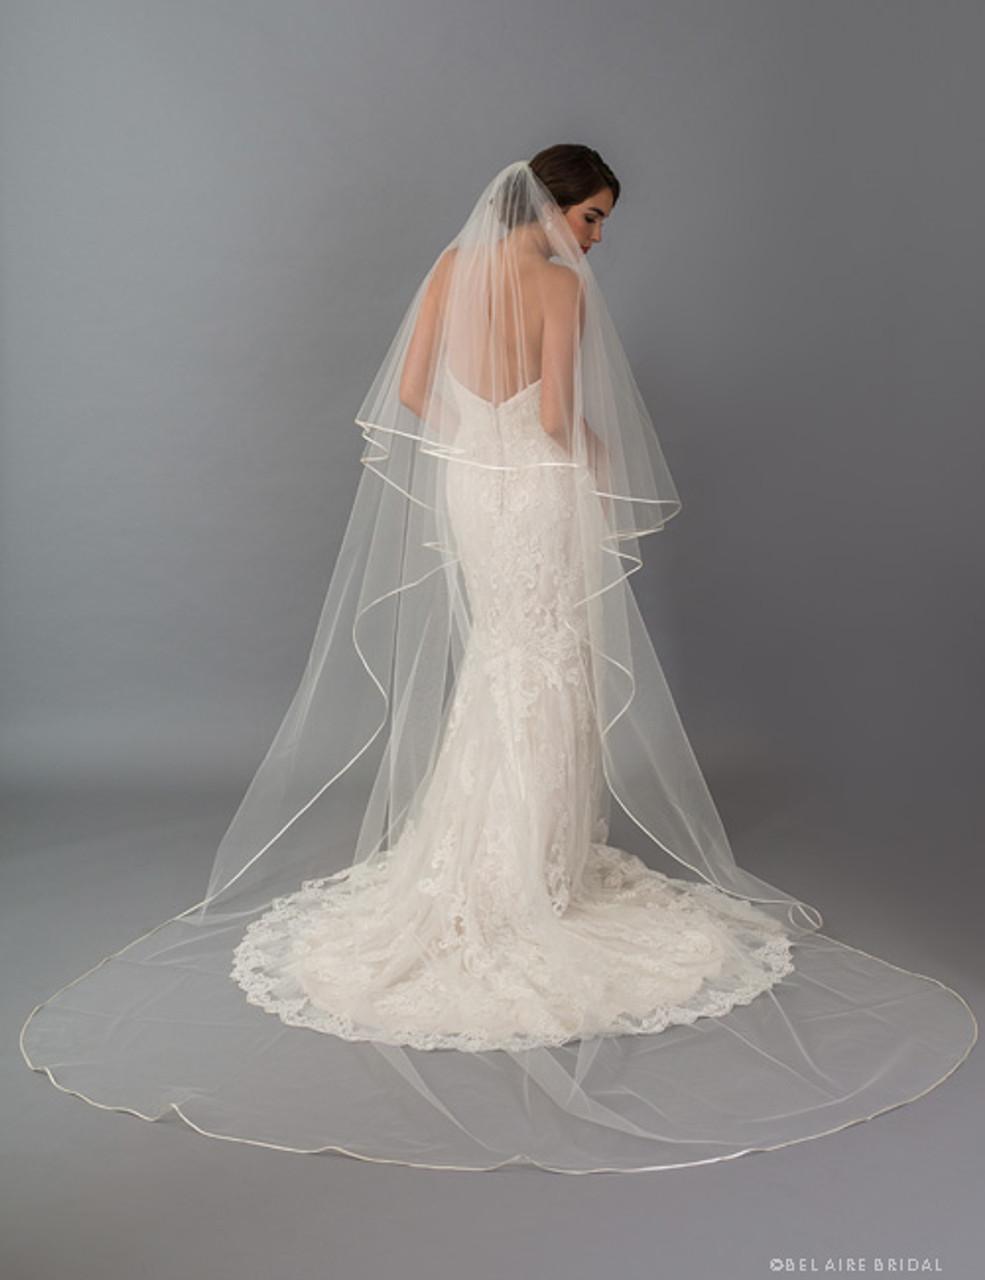 Bridal Veil Ivory 2 Tier Fingertip Length Satin Ribbon Edge Scattered Rhinestone